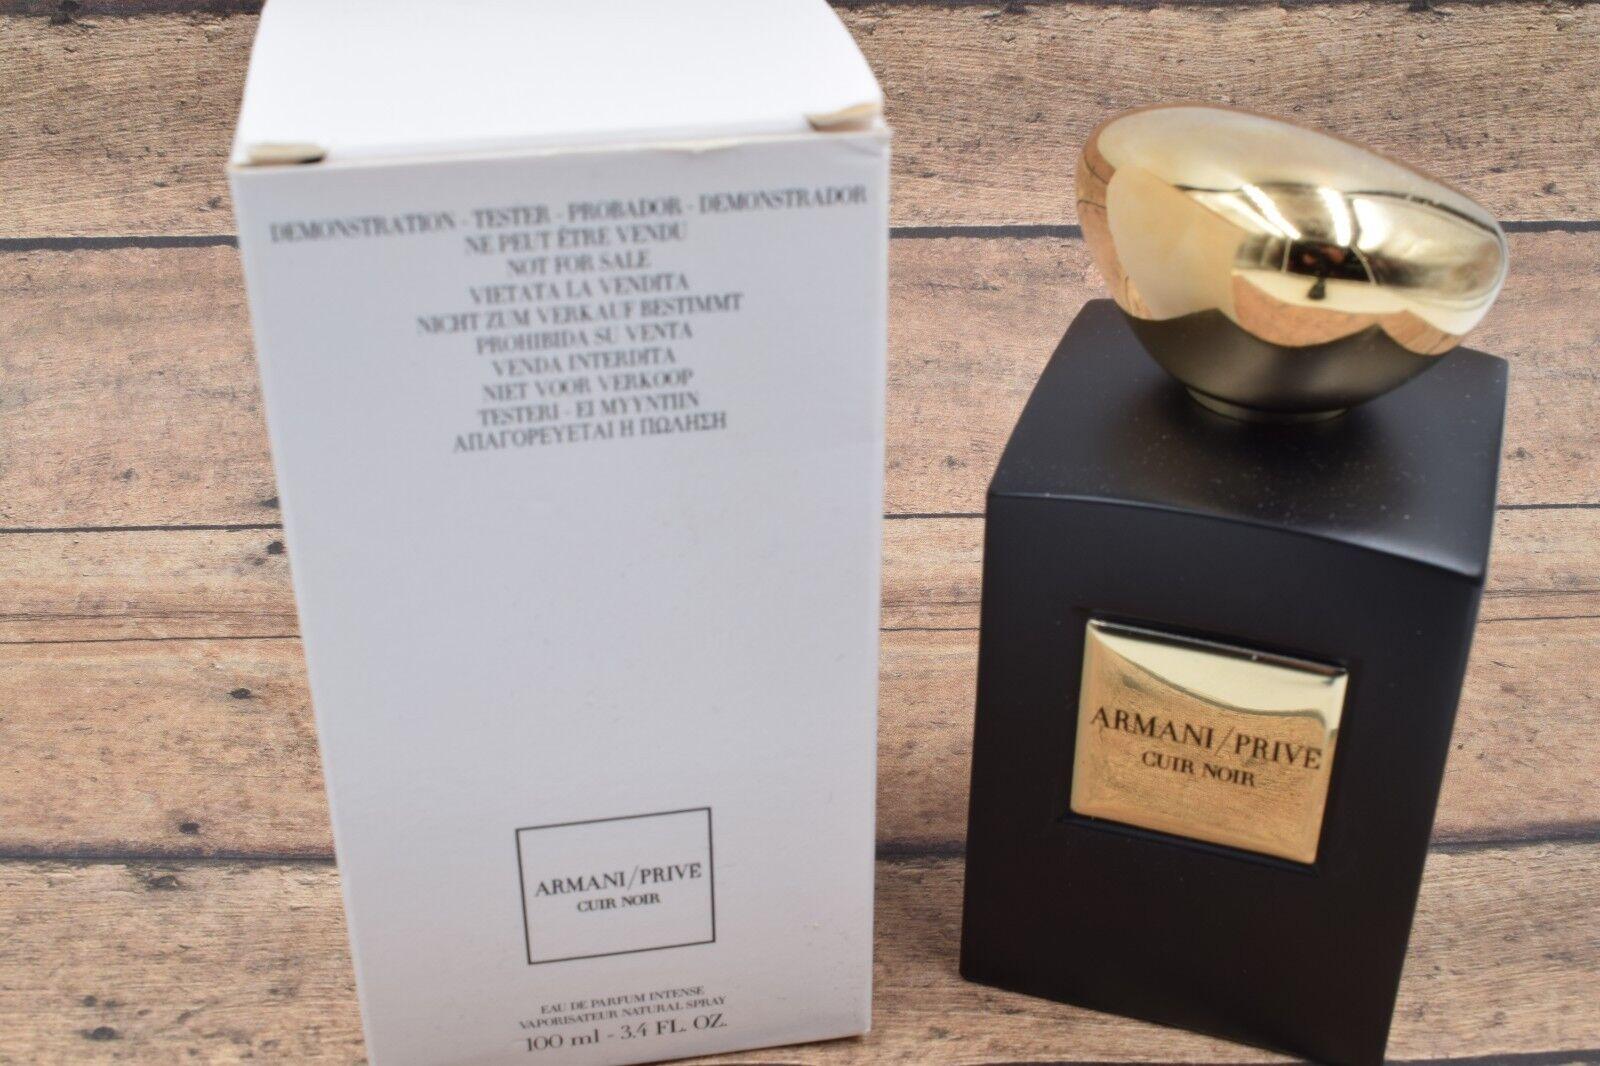 Cuir 3 4 De Armani Prive Noir Parfum 100ml Oz Eau Giorgio jqSVLpUGMz